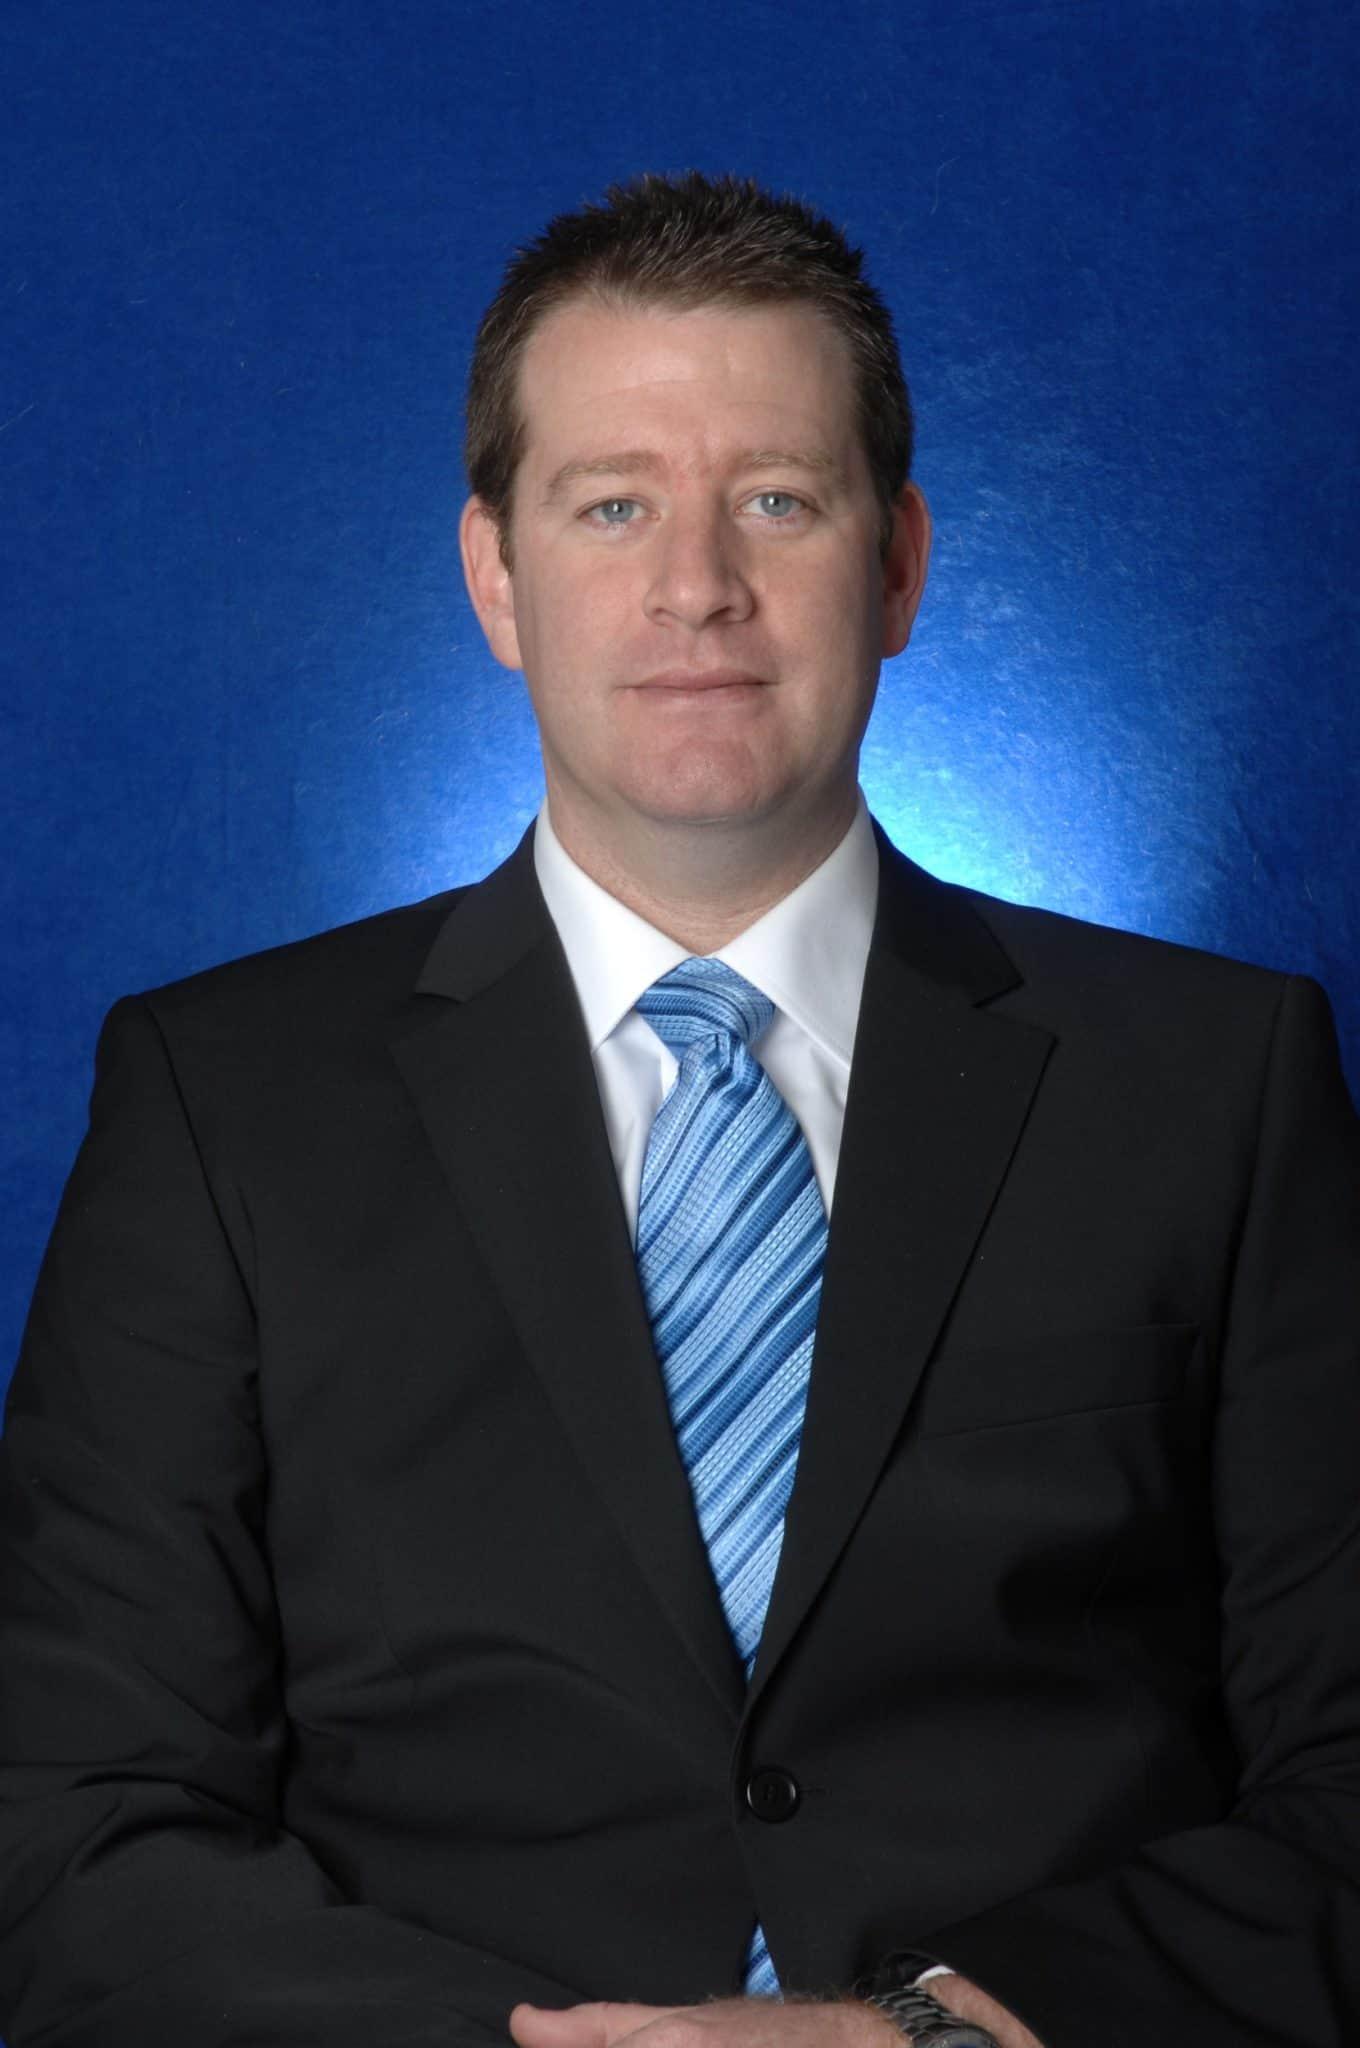 """גיא קרן מונה למנכ""""ל קניון עופר הקריון מקבוצת קניוני עופר"""